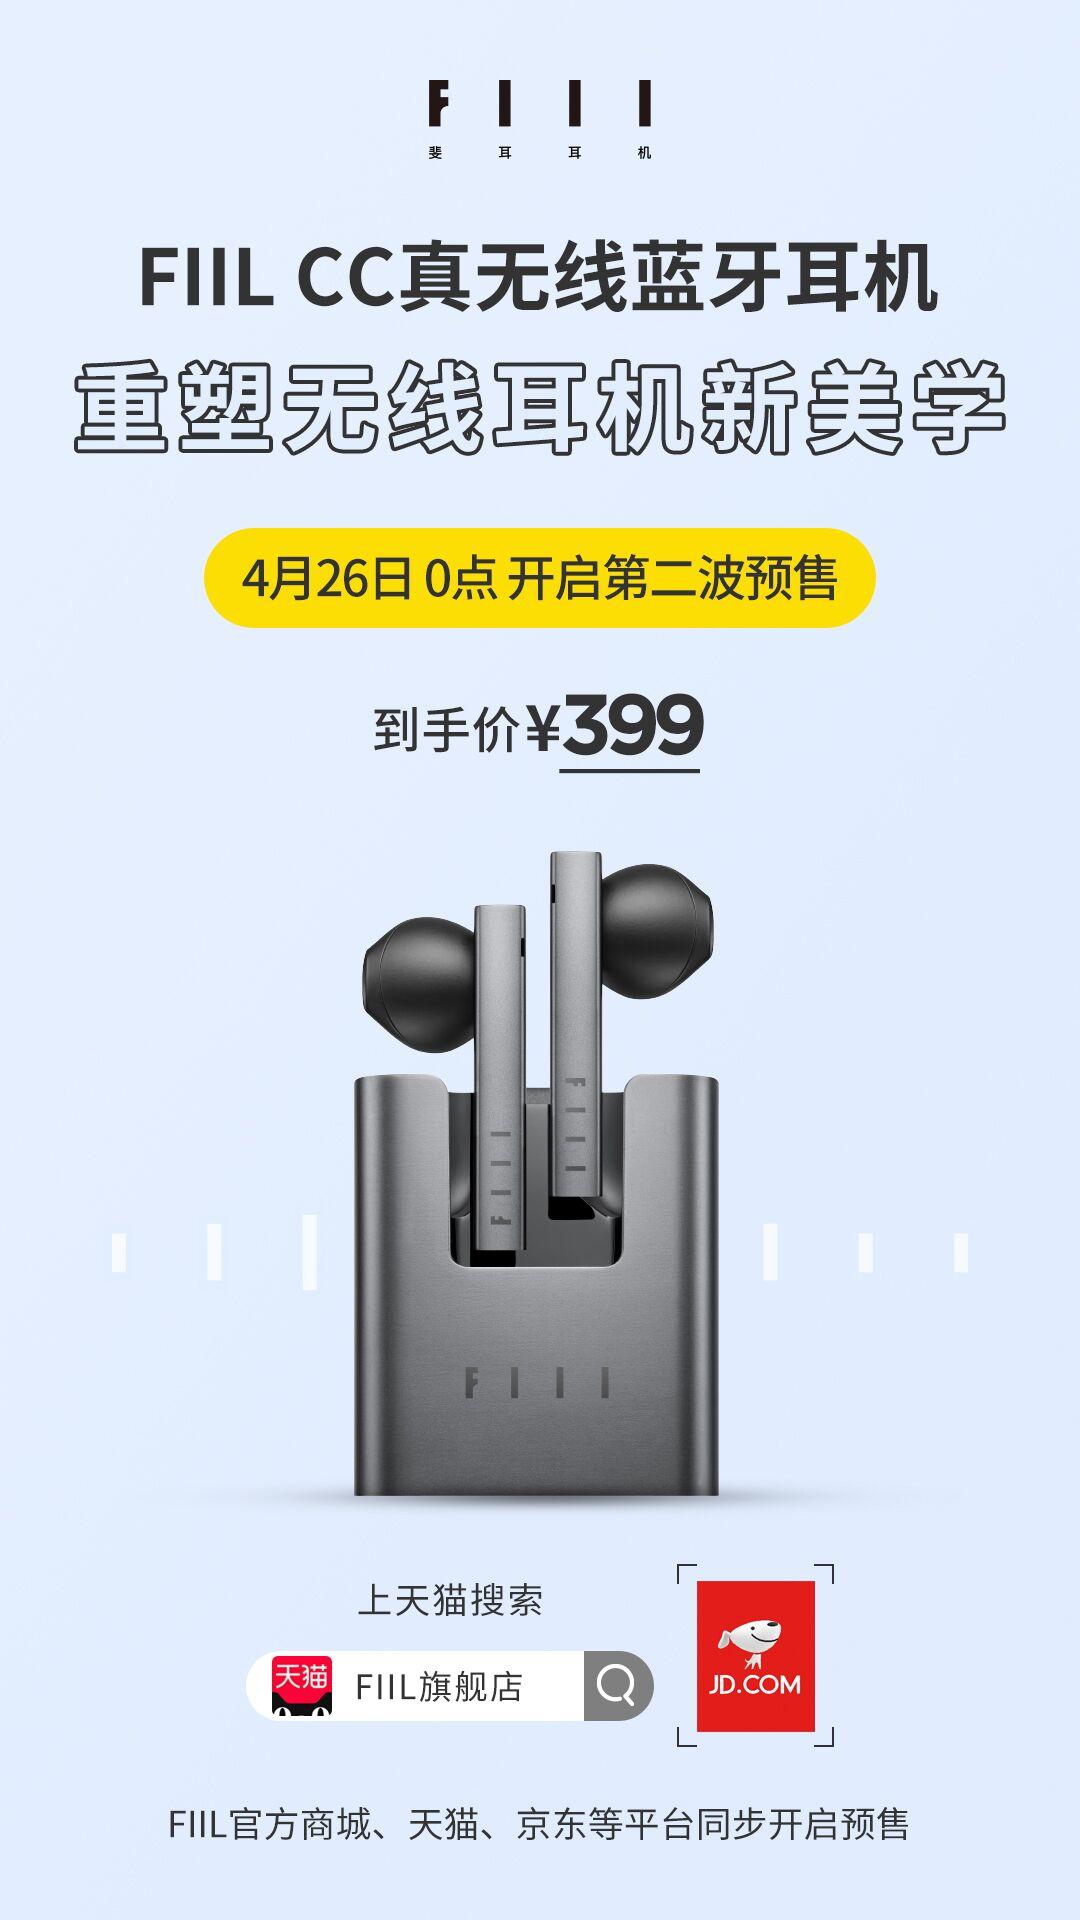 重塑无线耳机新美学 FIIL CC开启第二轮预售